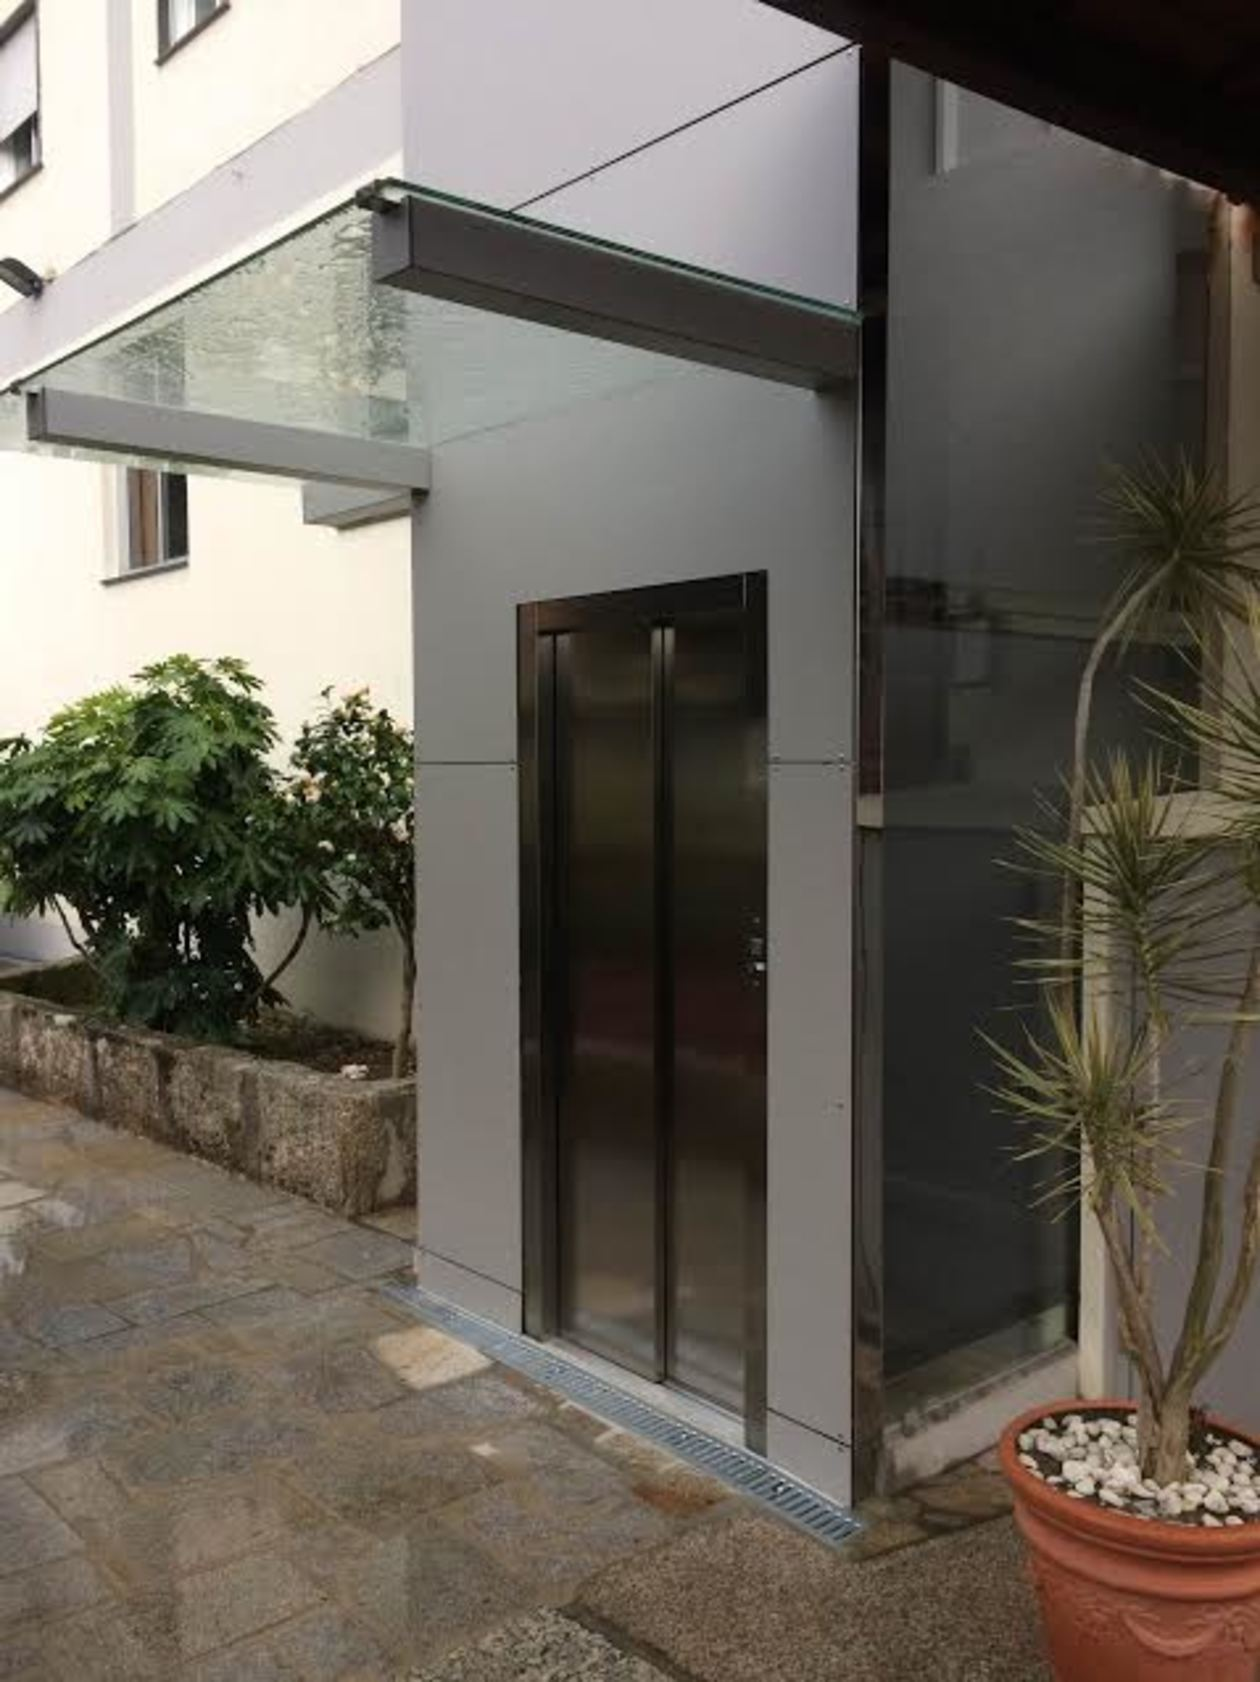 Detalle del acceso exterior. Diseño y confort.